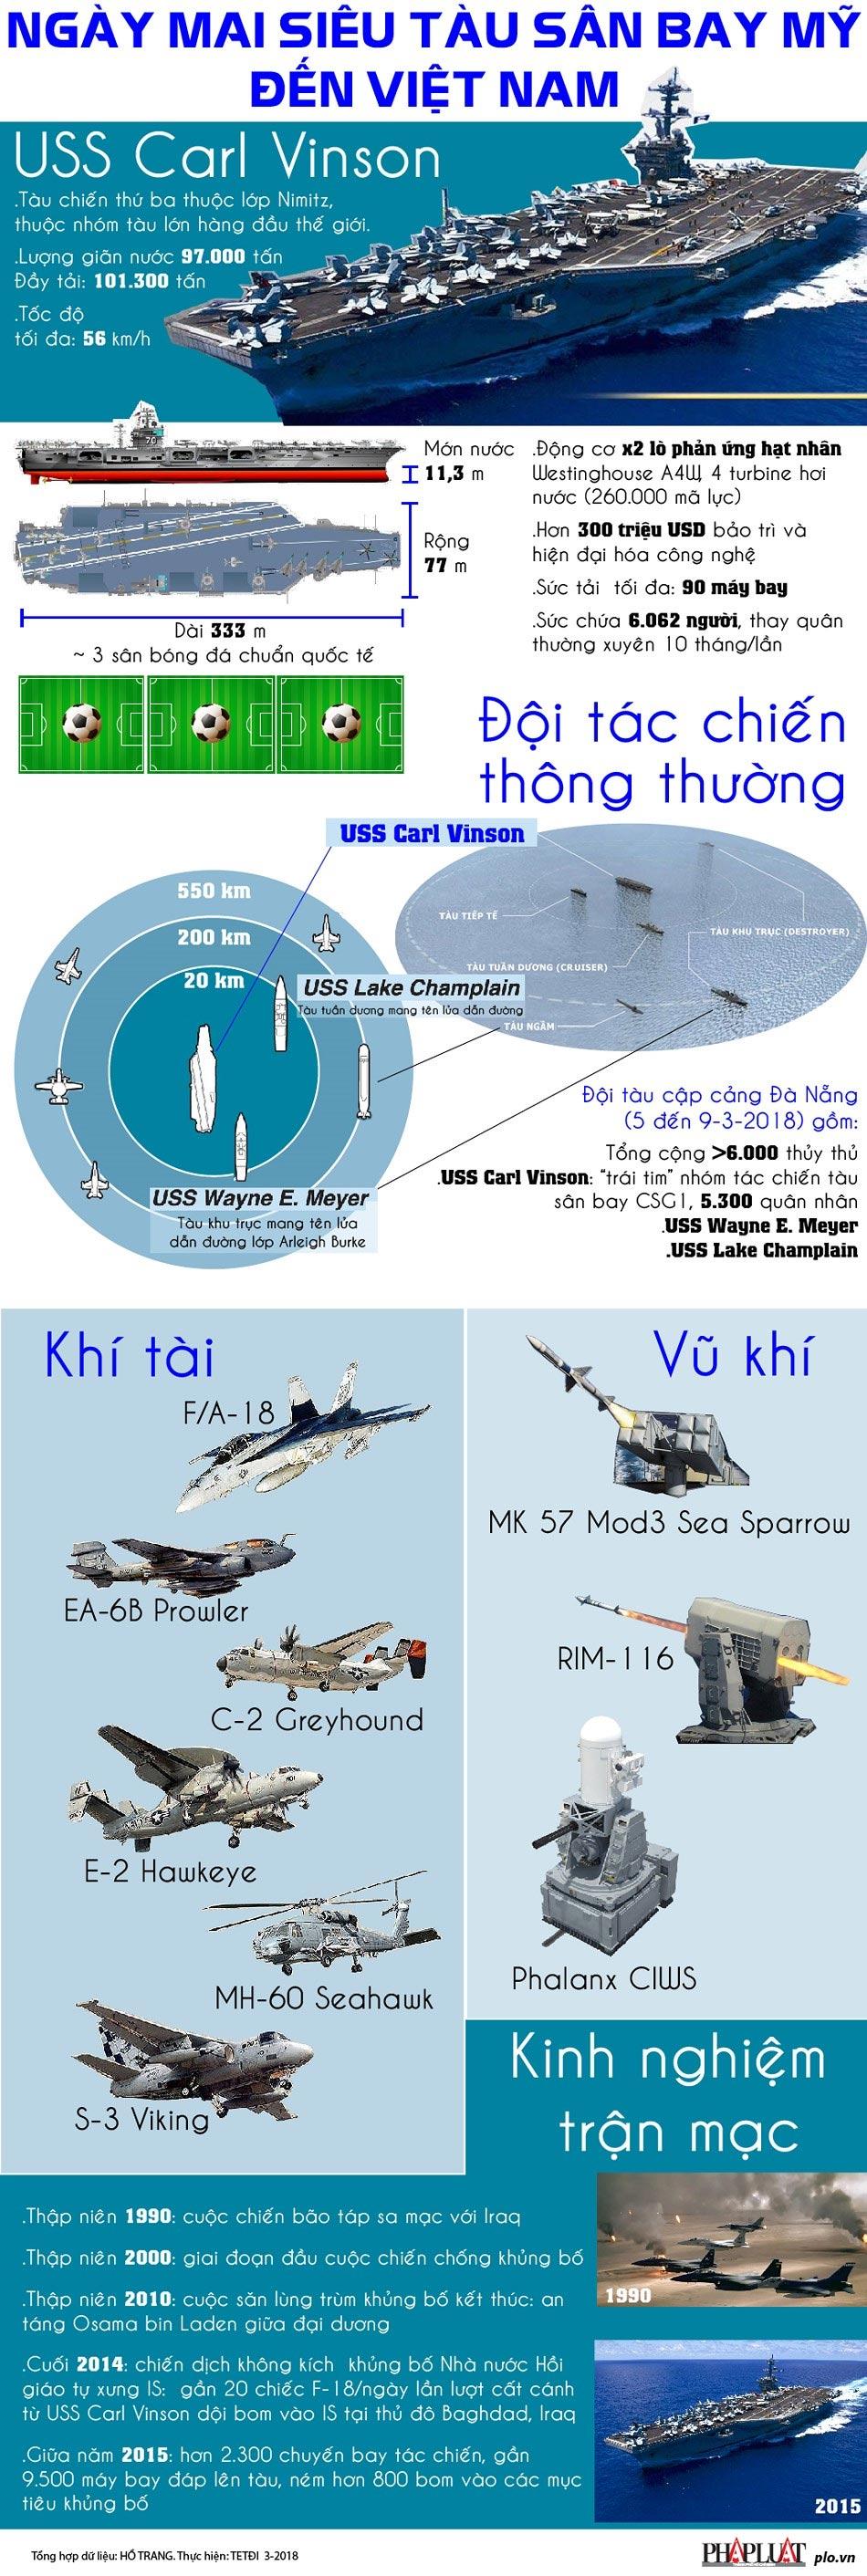 Ngày mai, siêu tàu sân bay Mỹ đến Việt Nam - 1